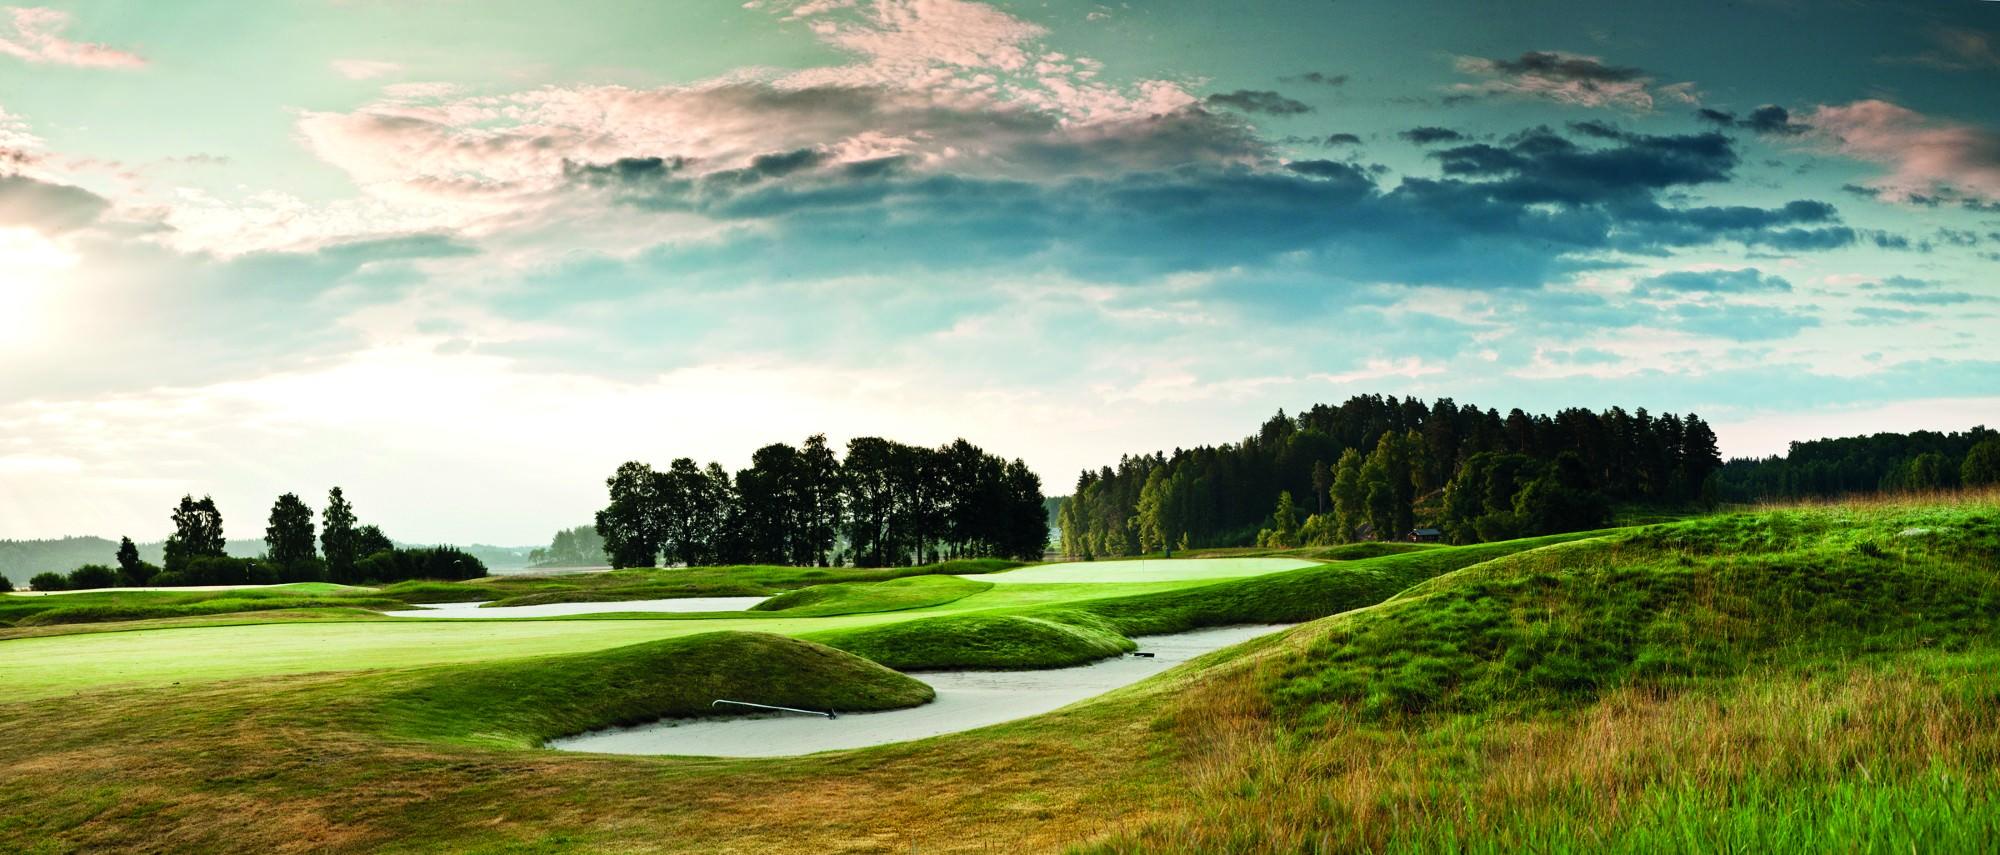 Kytaja South East Golf Club   Finland   National Club ...